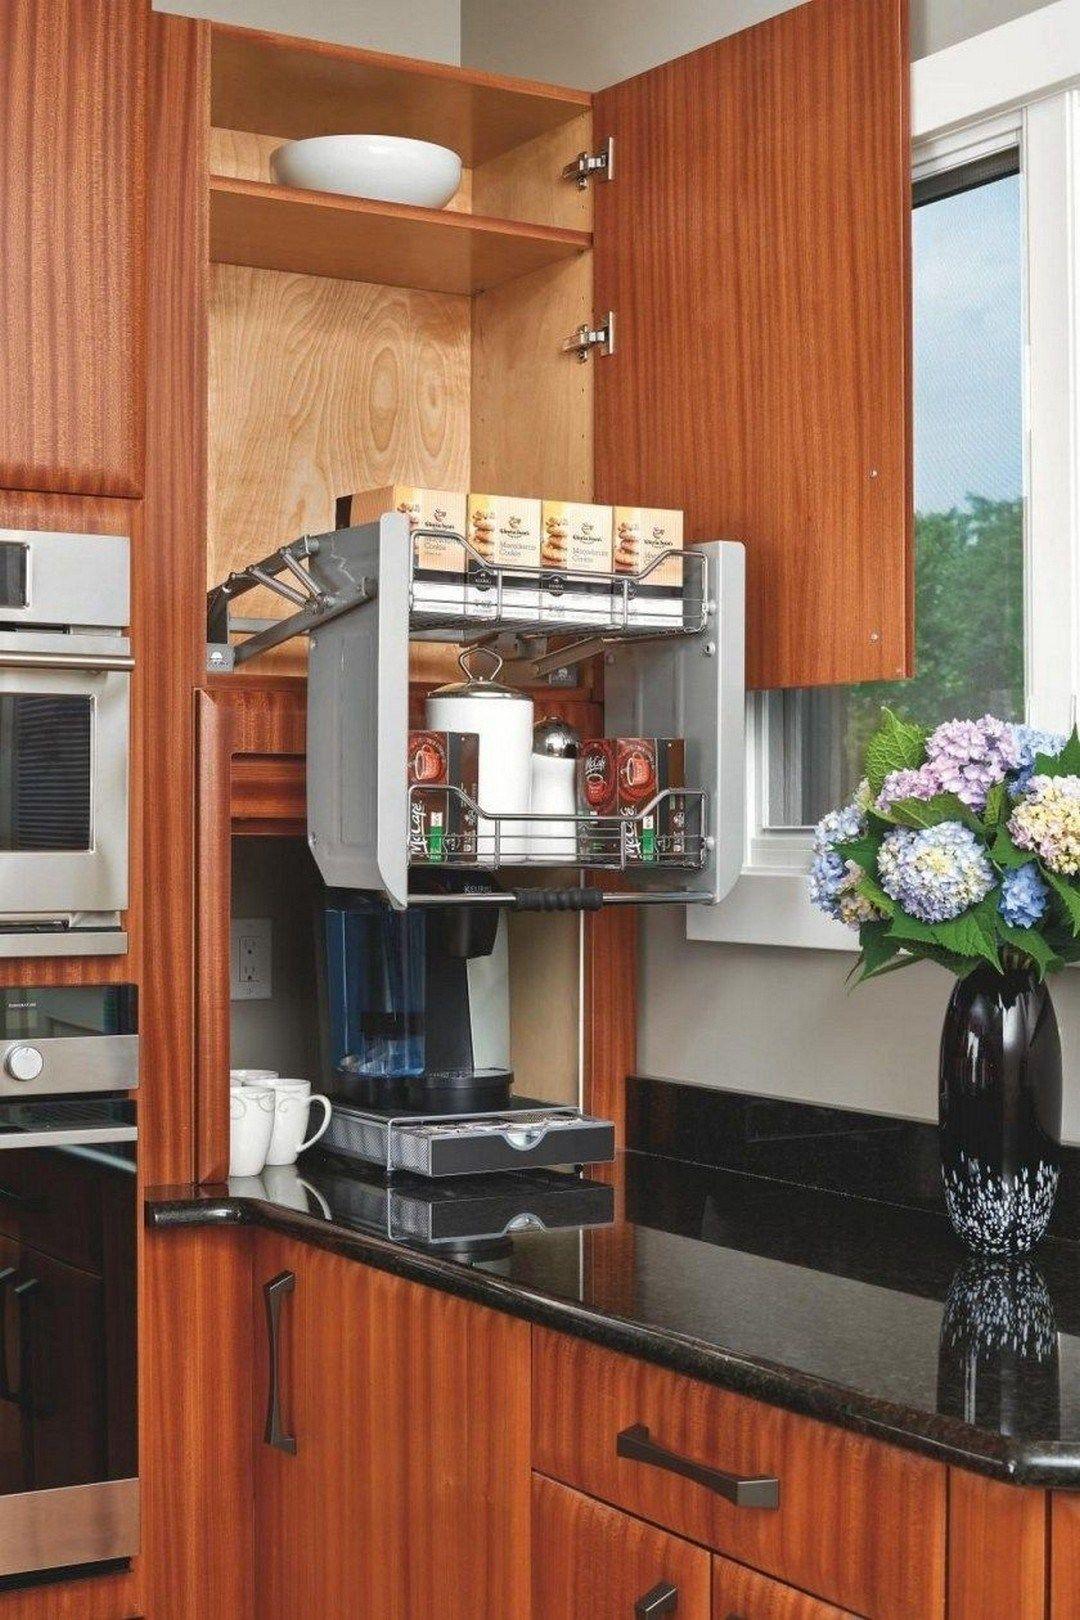 32 Clever Kitchen Storage Ideas For The New Kitchen Decorsavage Upper Kitchen Cabinets Kitchen Trends Kitchen Cabinets